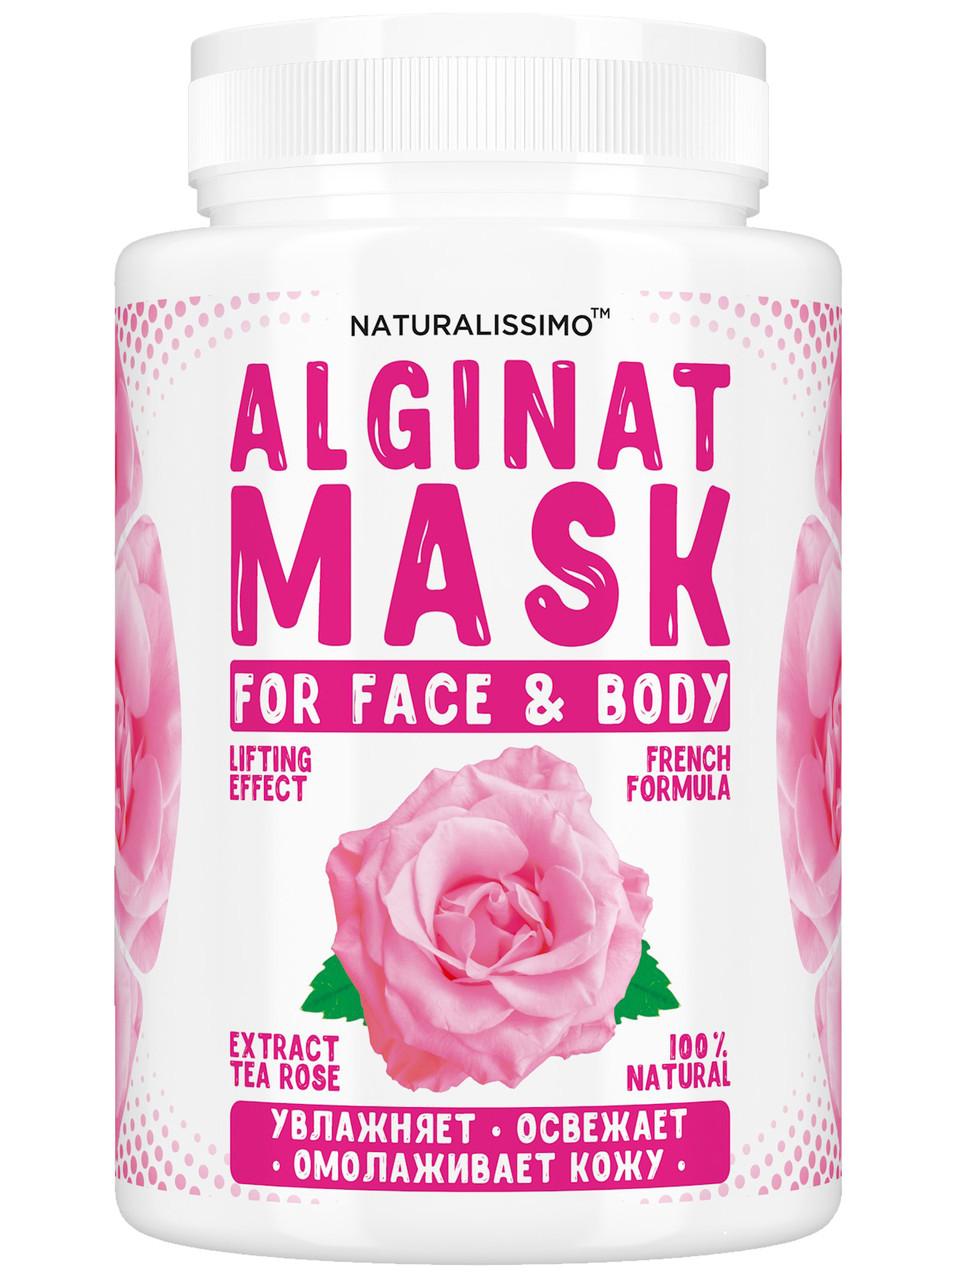 Альгинатная маска Лифтинг, увлажнение и смягчение кожи,  с розой, 200г